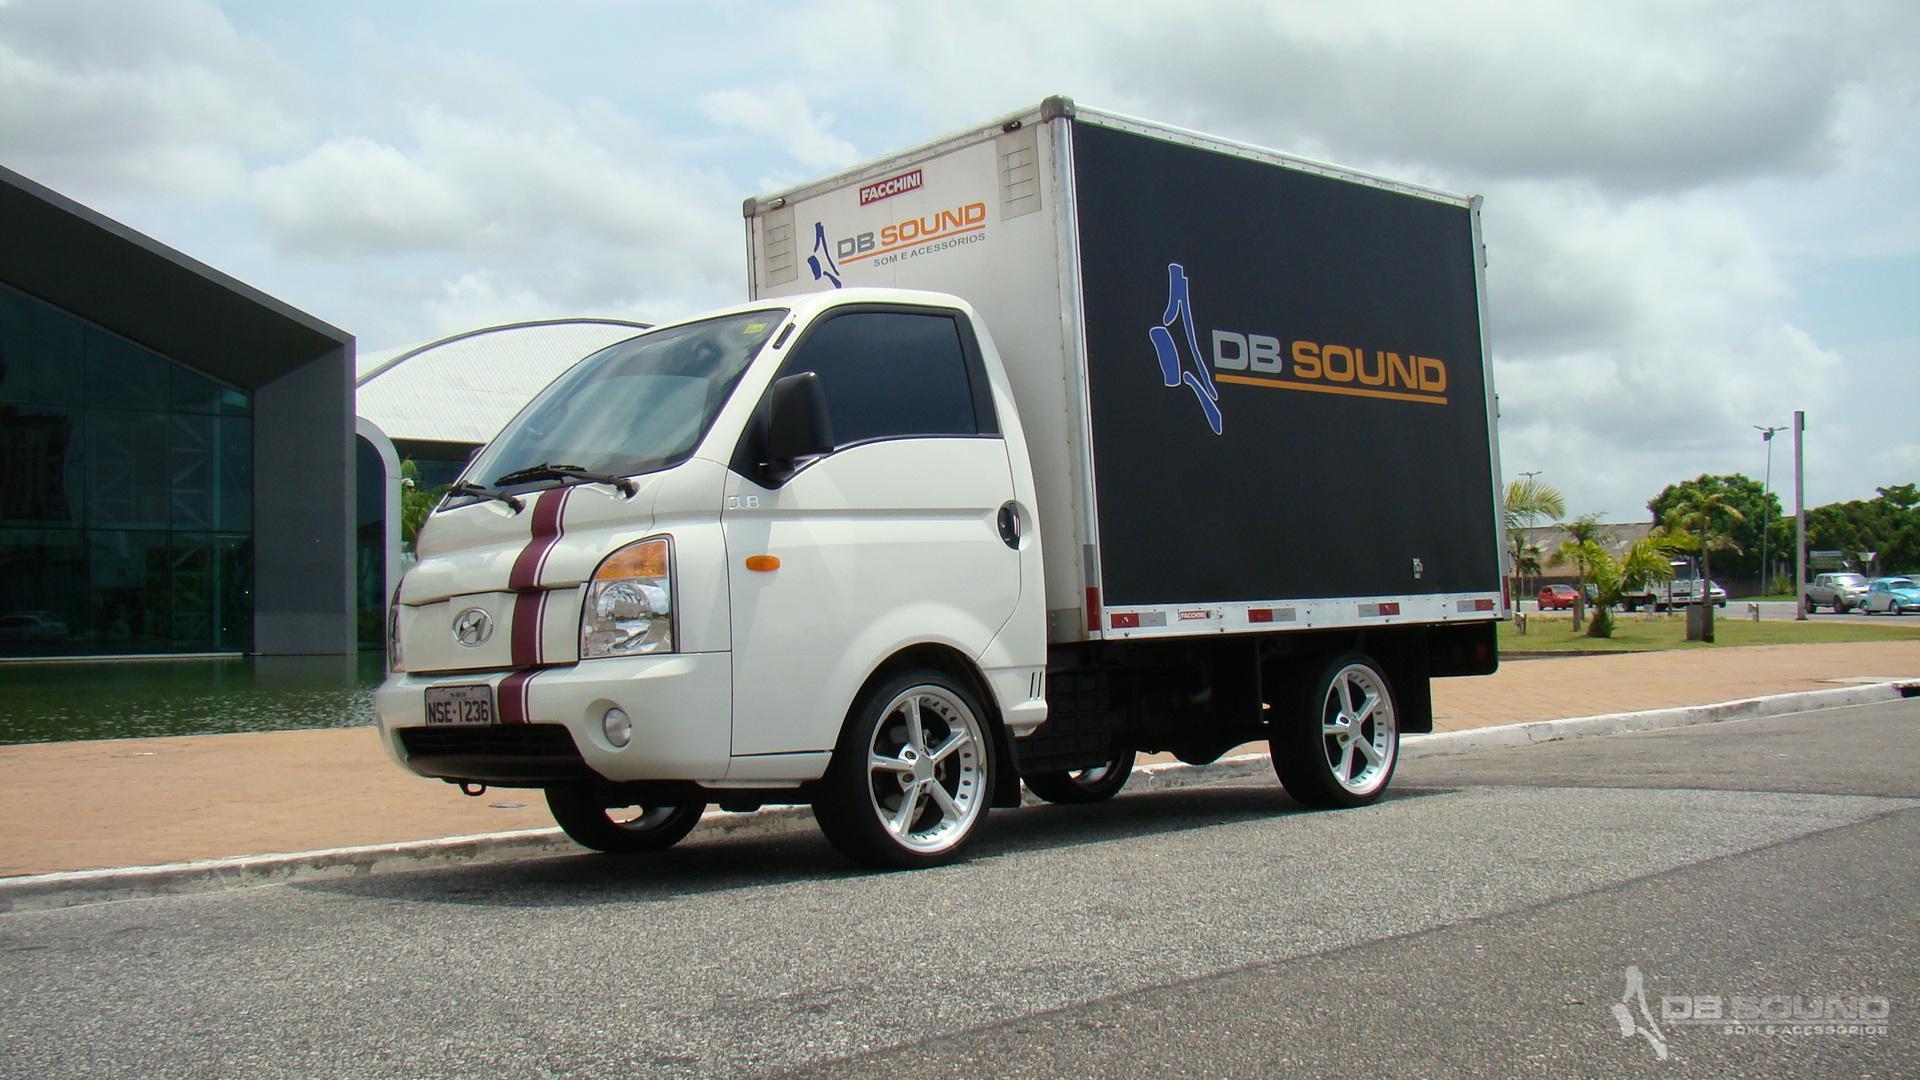 Toyota Santa Cruz >> Hyundai - Hr - DB Sound - Som e Acessórios